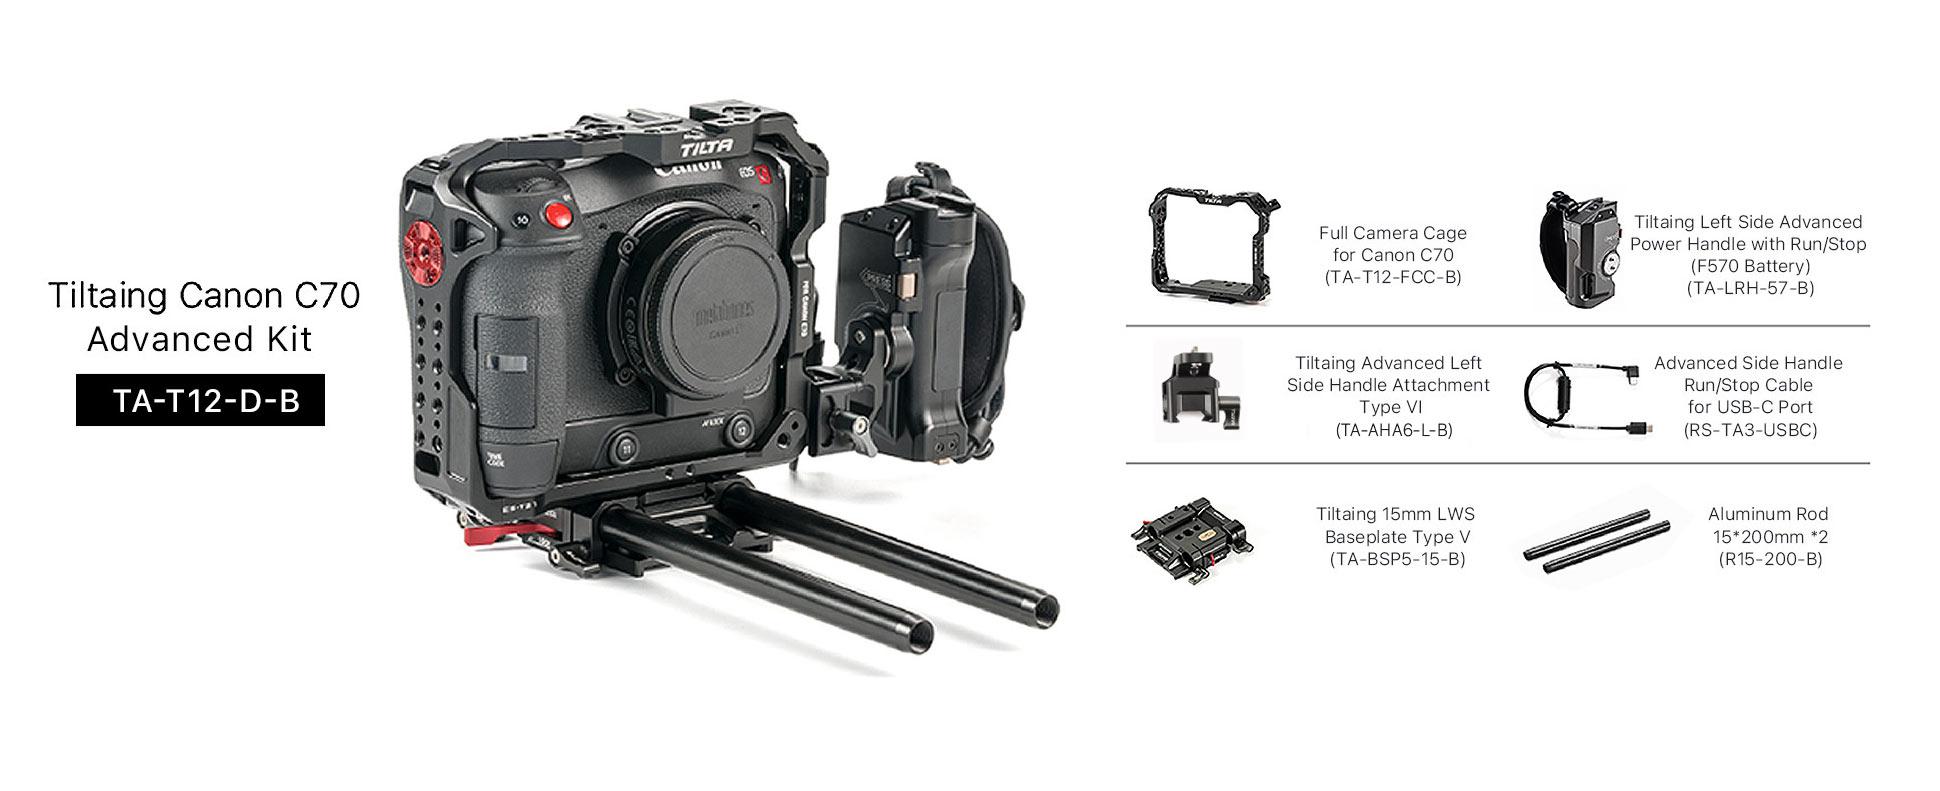 Tiltaing Canon C70 Advanced Kit - Black